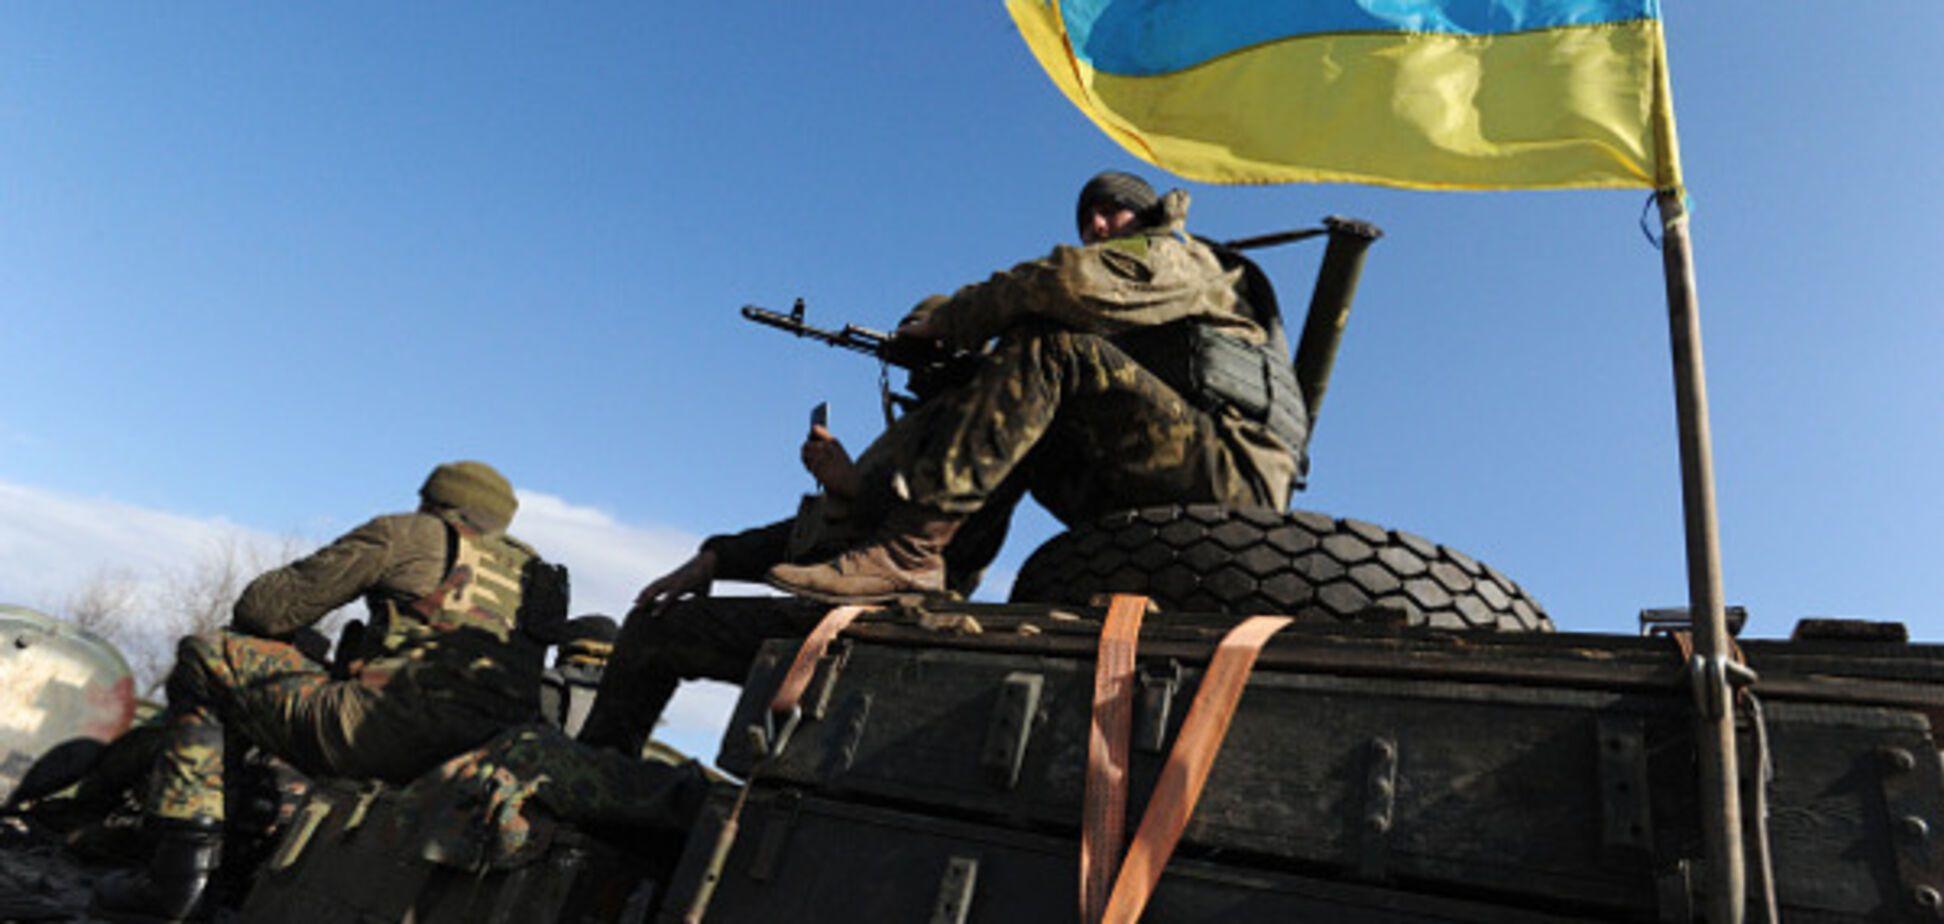 Работают танки, БМП и снайперы: штаб АТО доложил об ухудшении обстановки на Донбассе